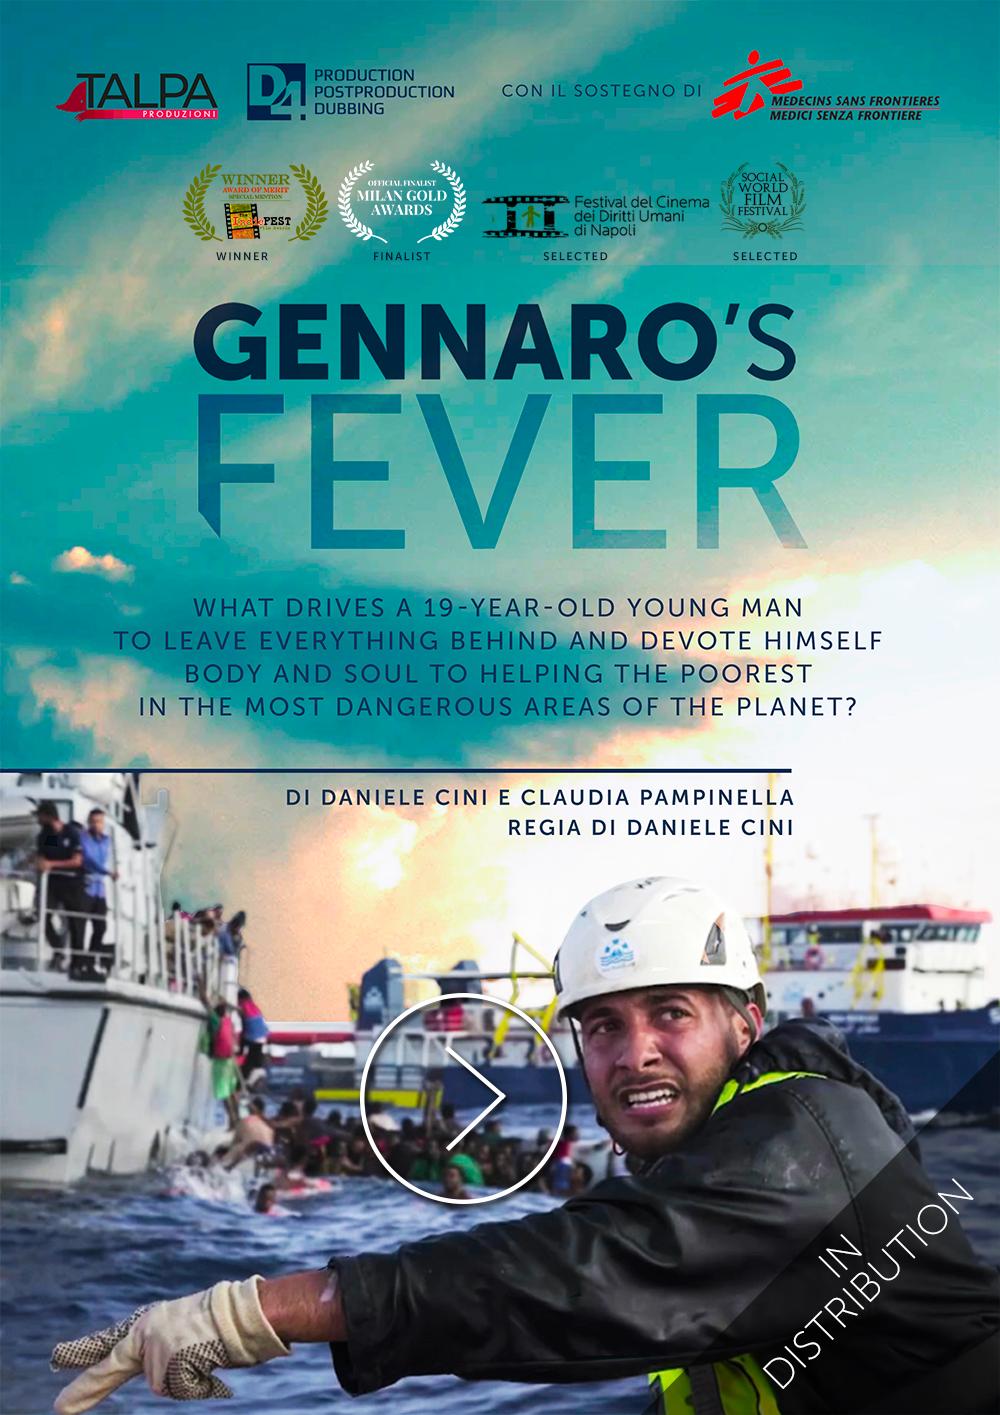 Gennaro's Fever Talpa Produzioni